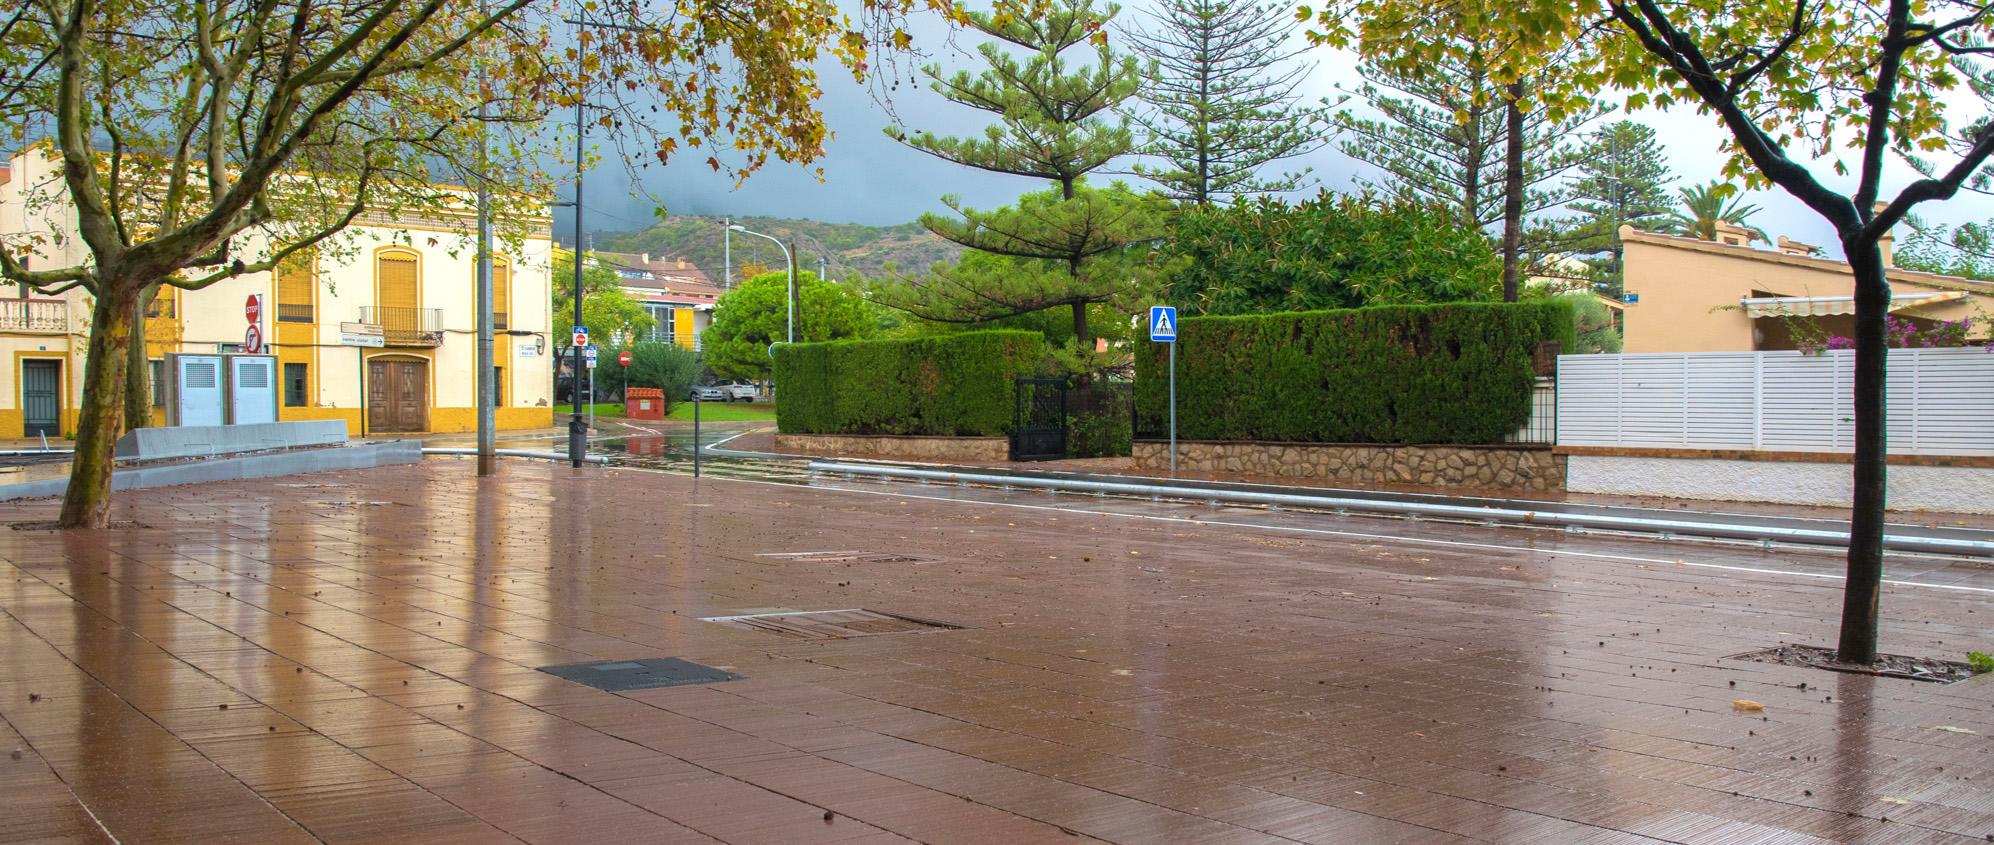 Mejorarel espacio urbano con infraestructuras verdes